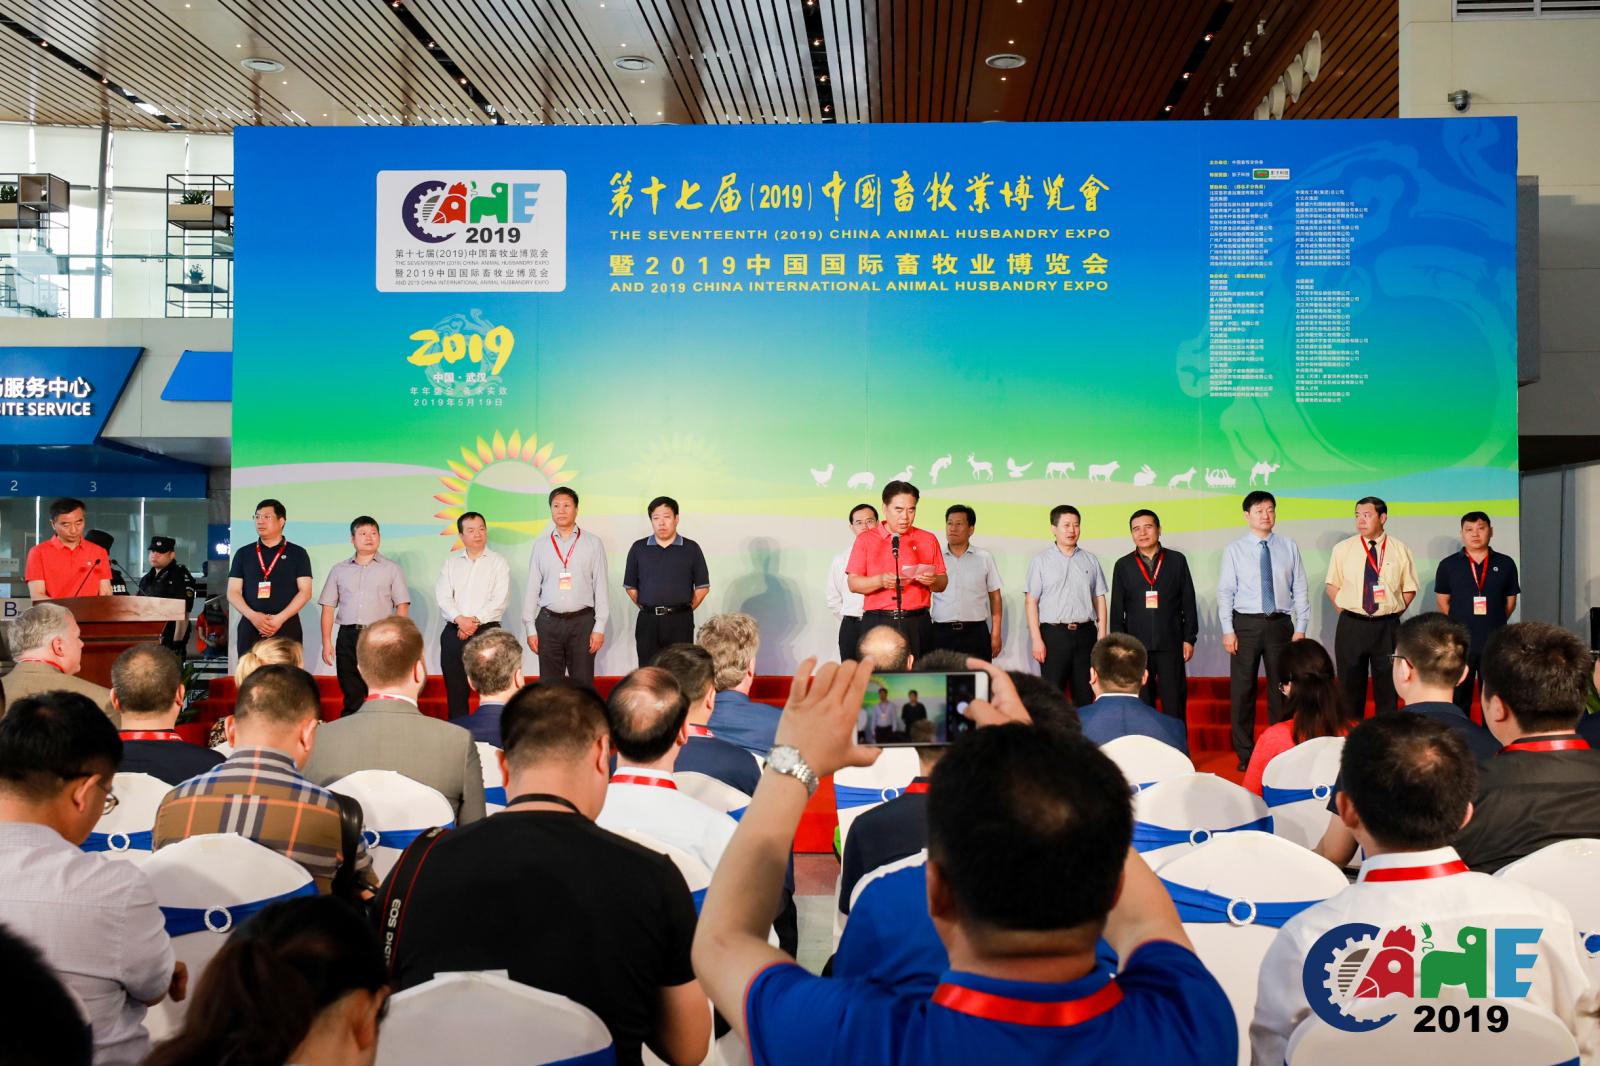 第六届全球猪业论坛暨第十六届(2019)中国猪业发展大会在武汉召开